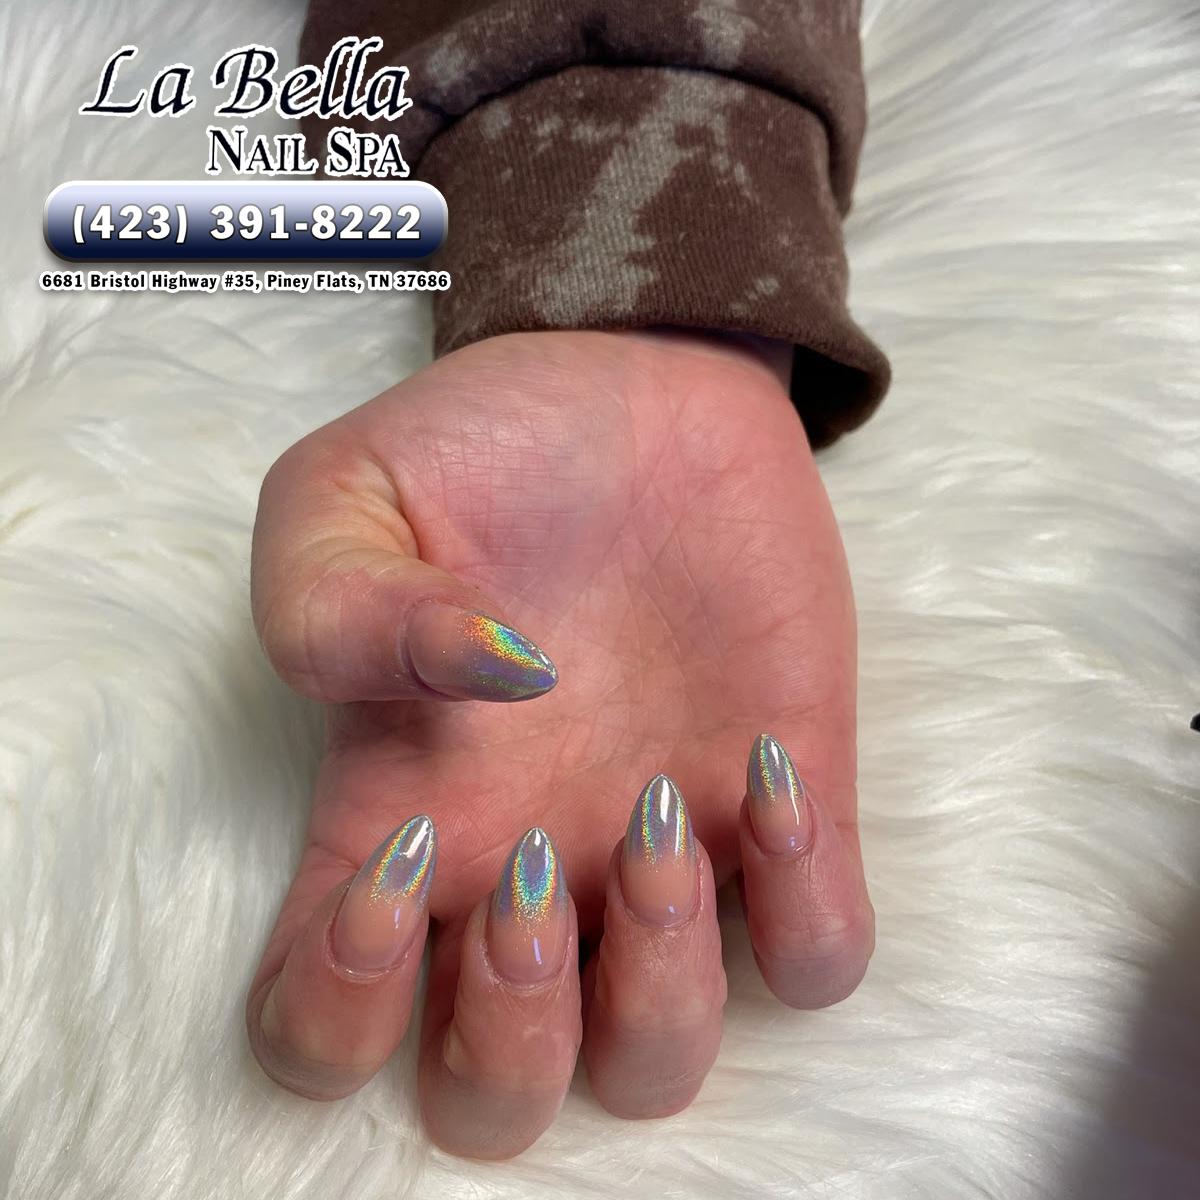 La Bella | Nail Salon 37686 | Near me | Piney Flats TN